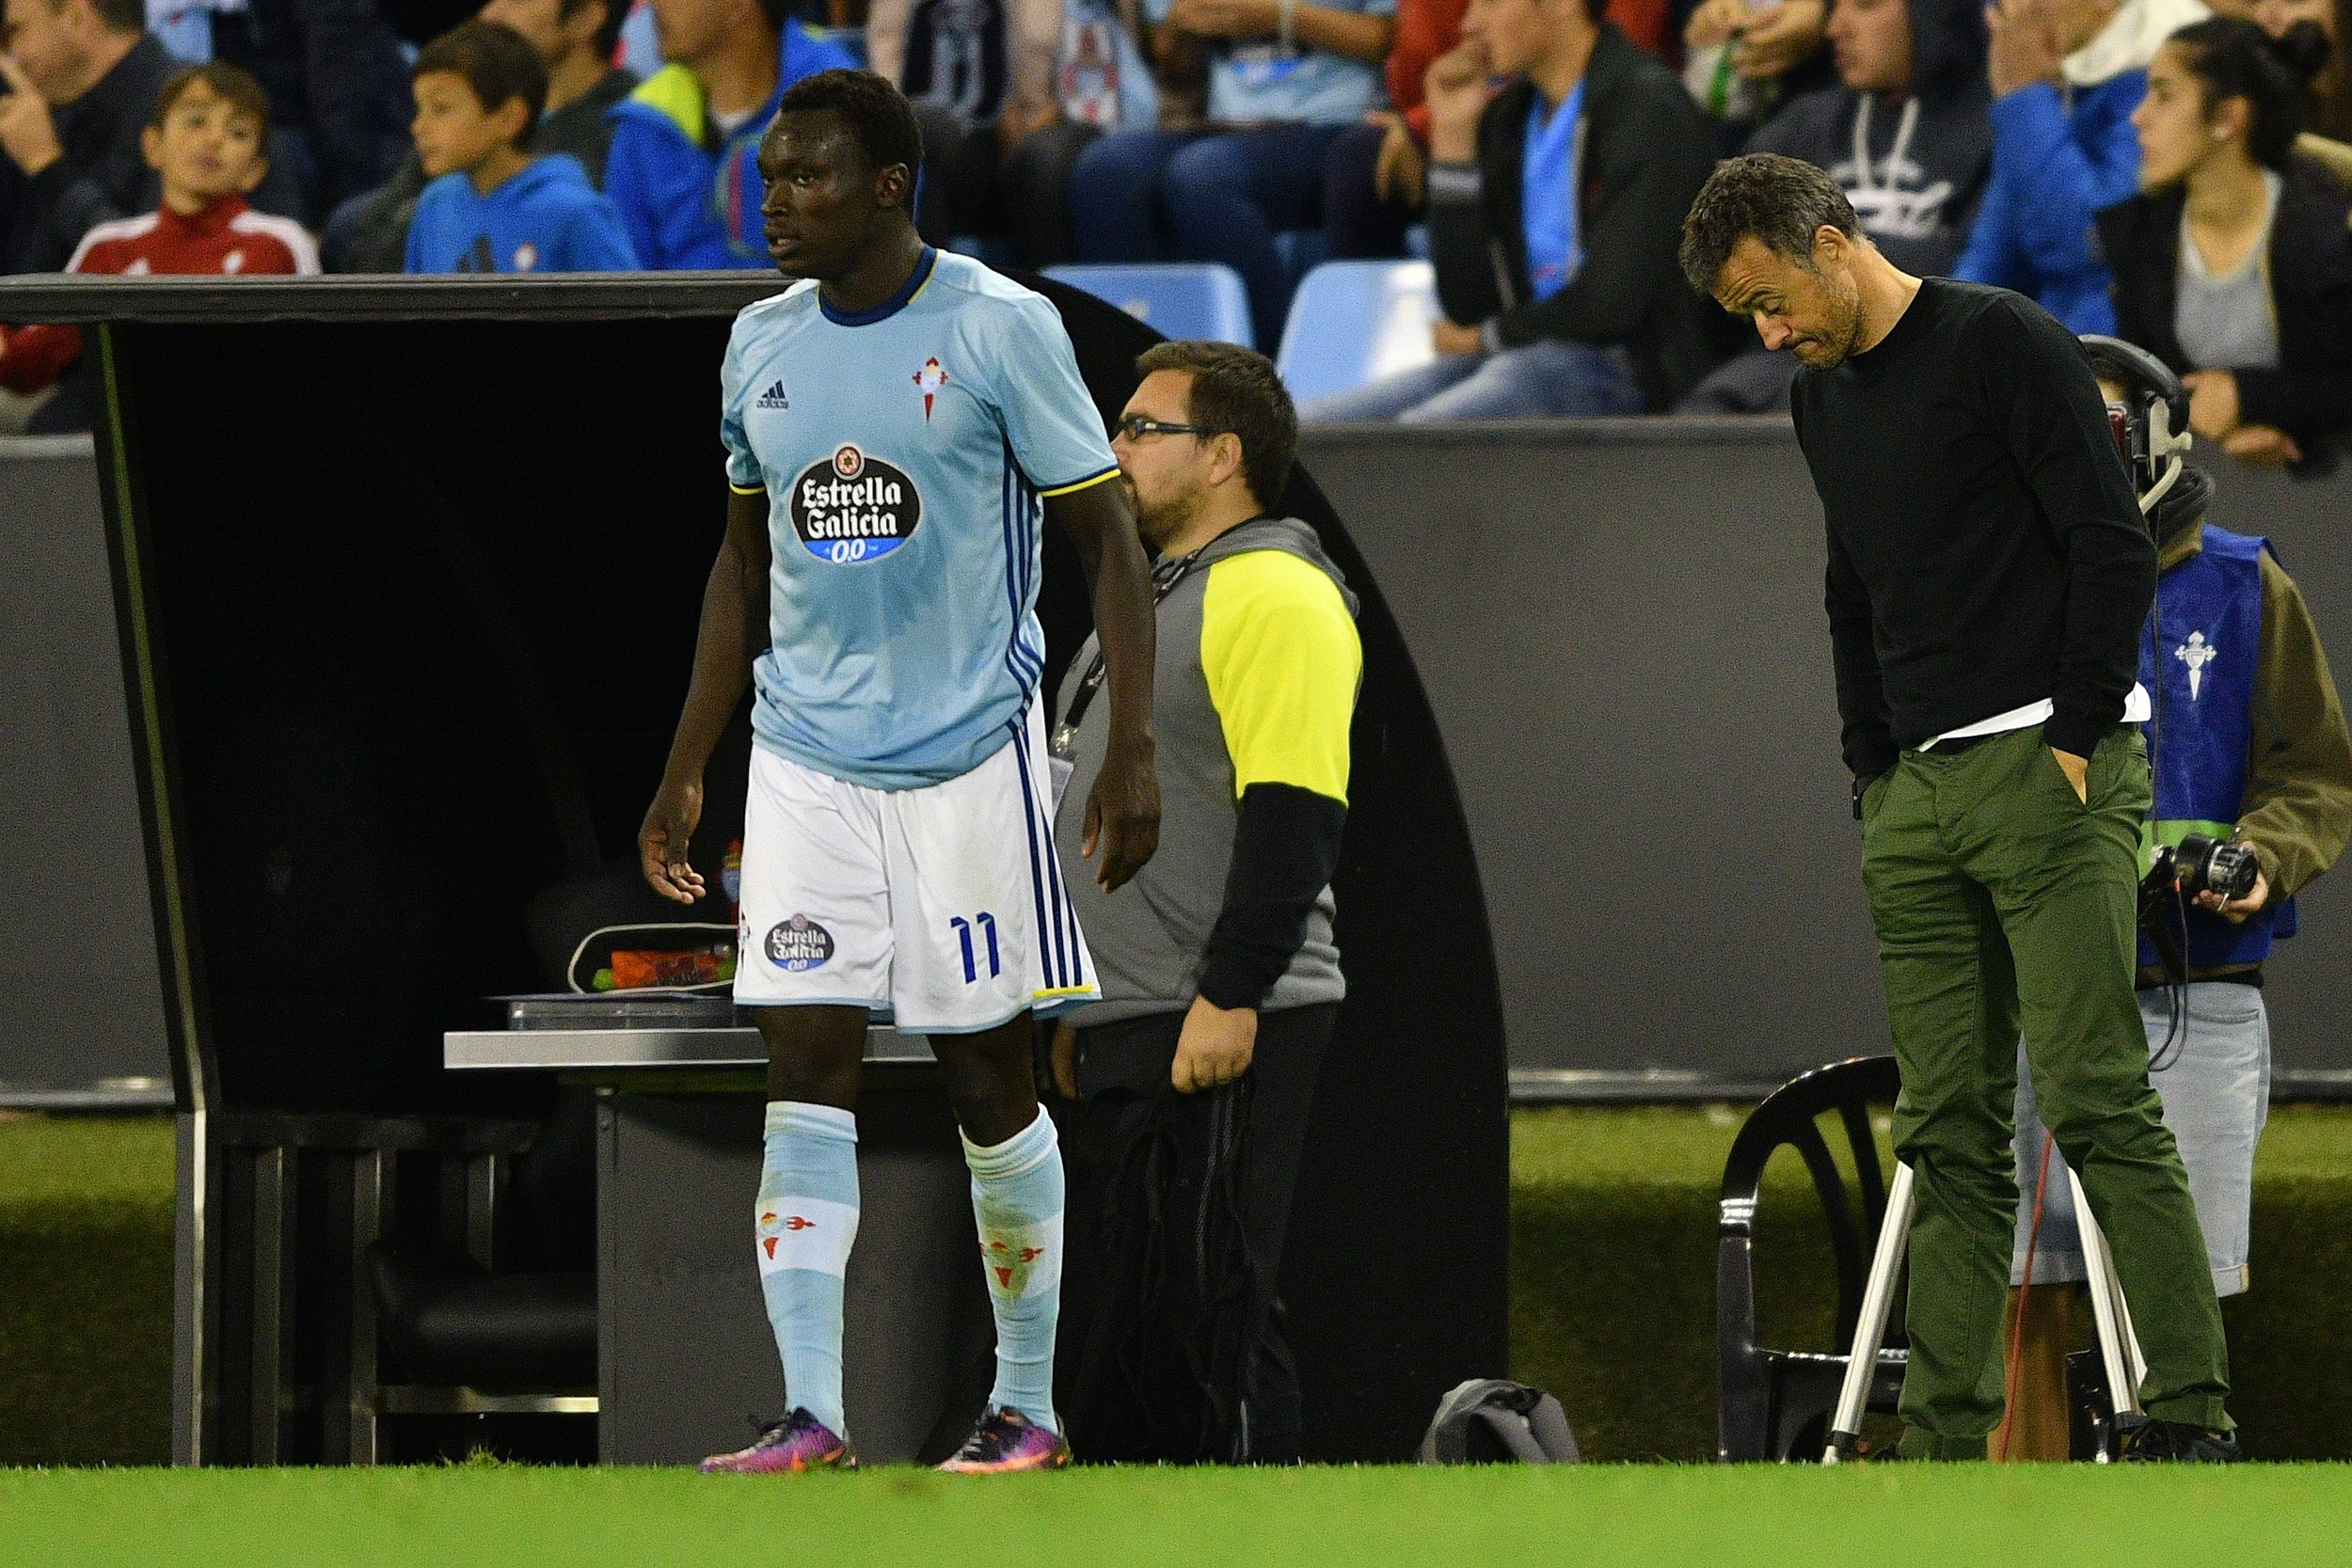 Pione Sisto scorede sit første mål på hjemmebane og var med til at gøre Luis Enriques aften endnu mere skidt.   Foto: Getty Images